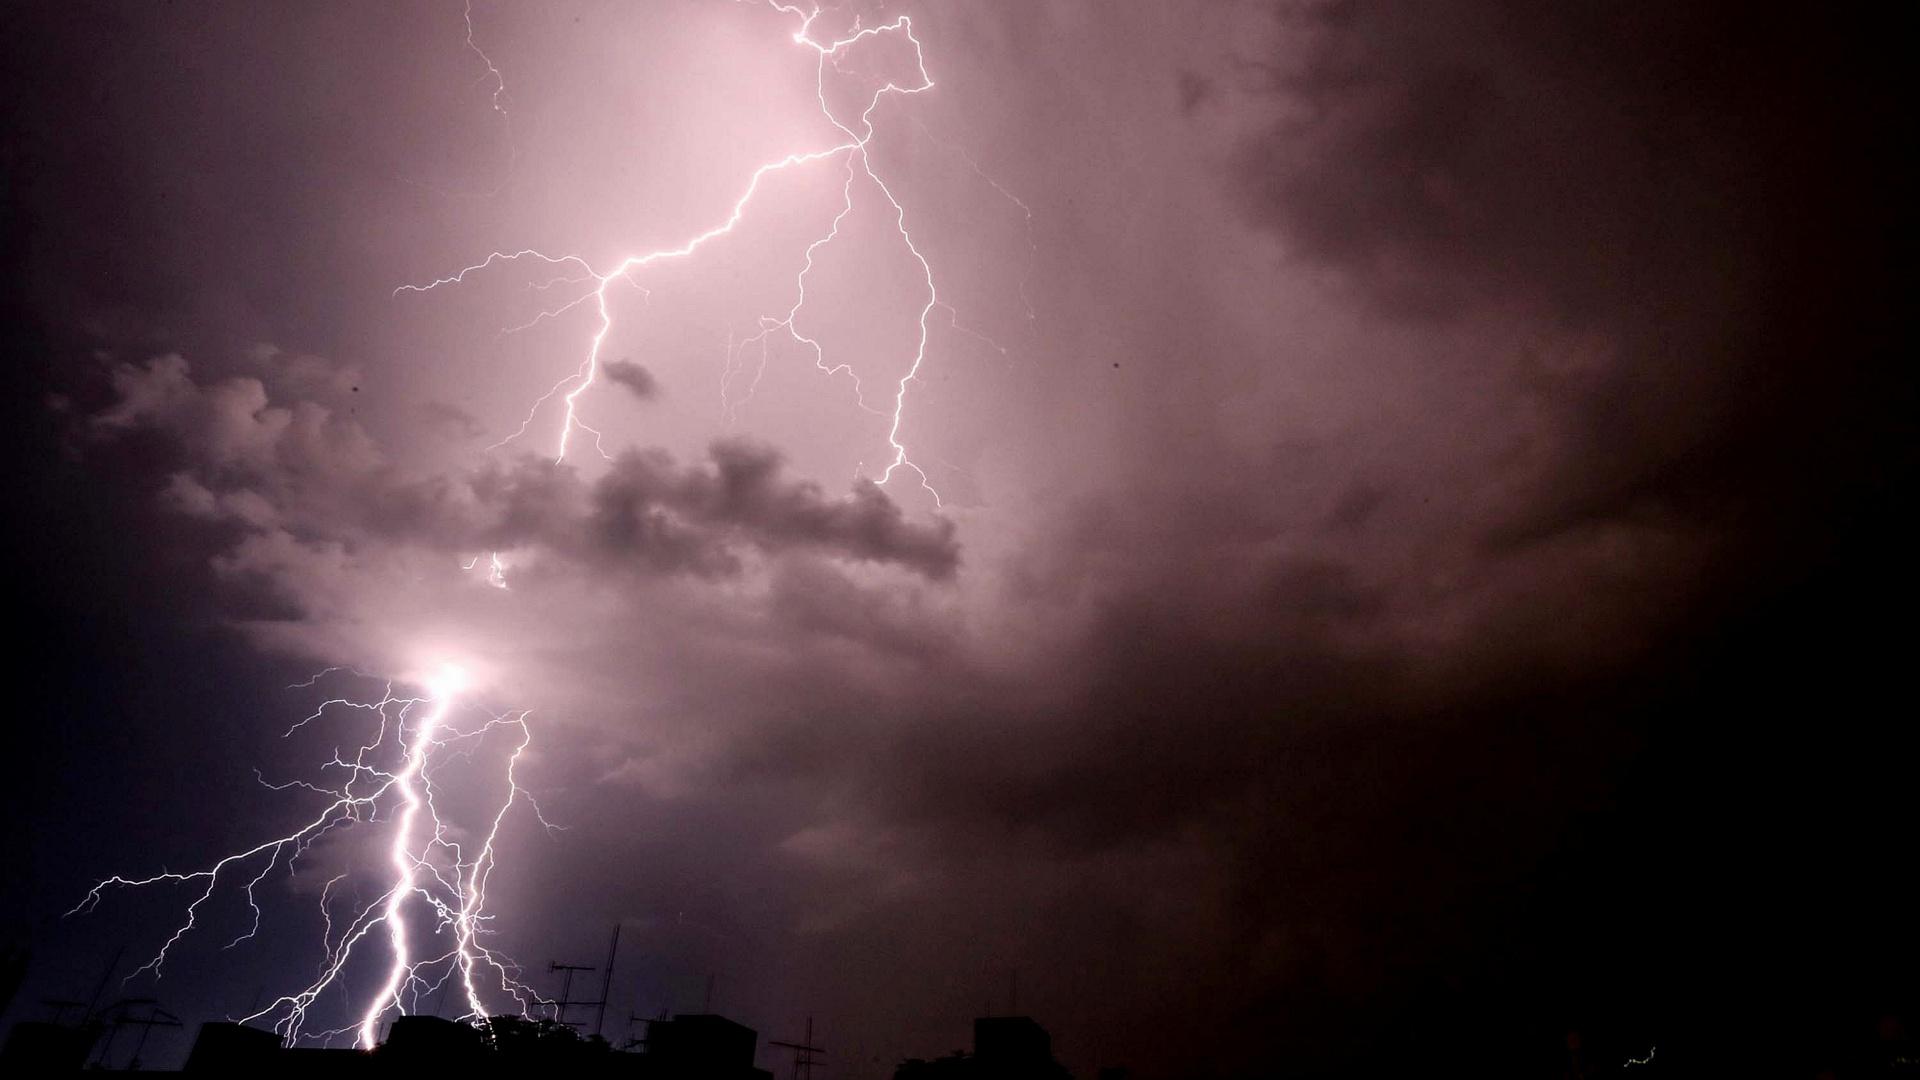 14.jan.2015 - Raio risca o céu sobre o bairro da Lapa, na zona oeste de São Paulo, nesta quarta-feira (14). Devido à chuva nesta noite, o CGE (Centro de Gerenciamento de Emergências) declarou estado de atenção na cidade, a segunda vez no mesmo dia